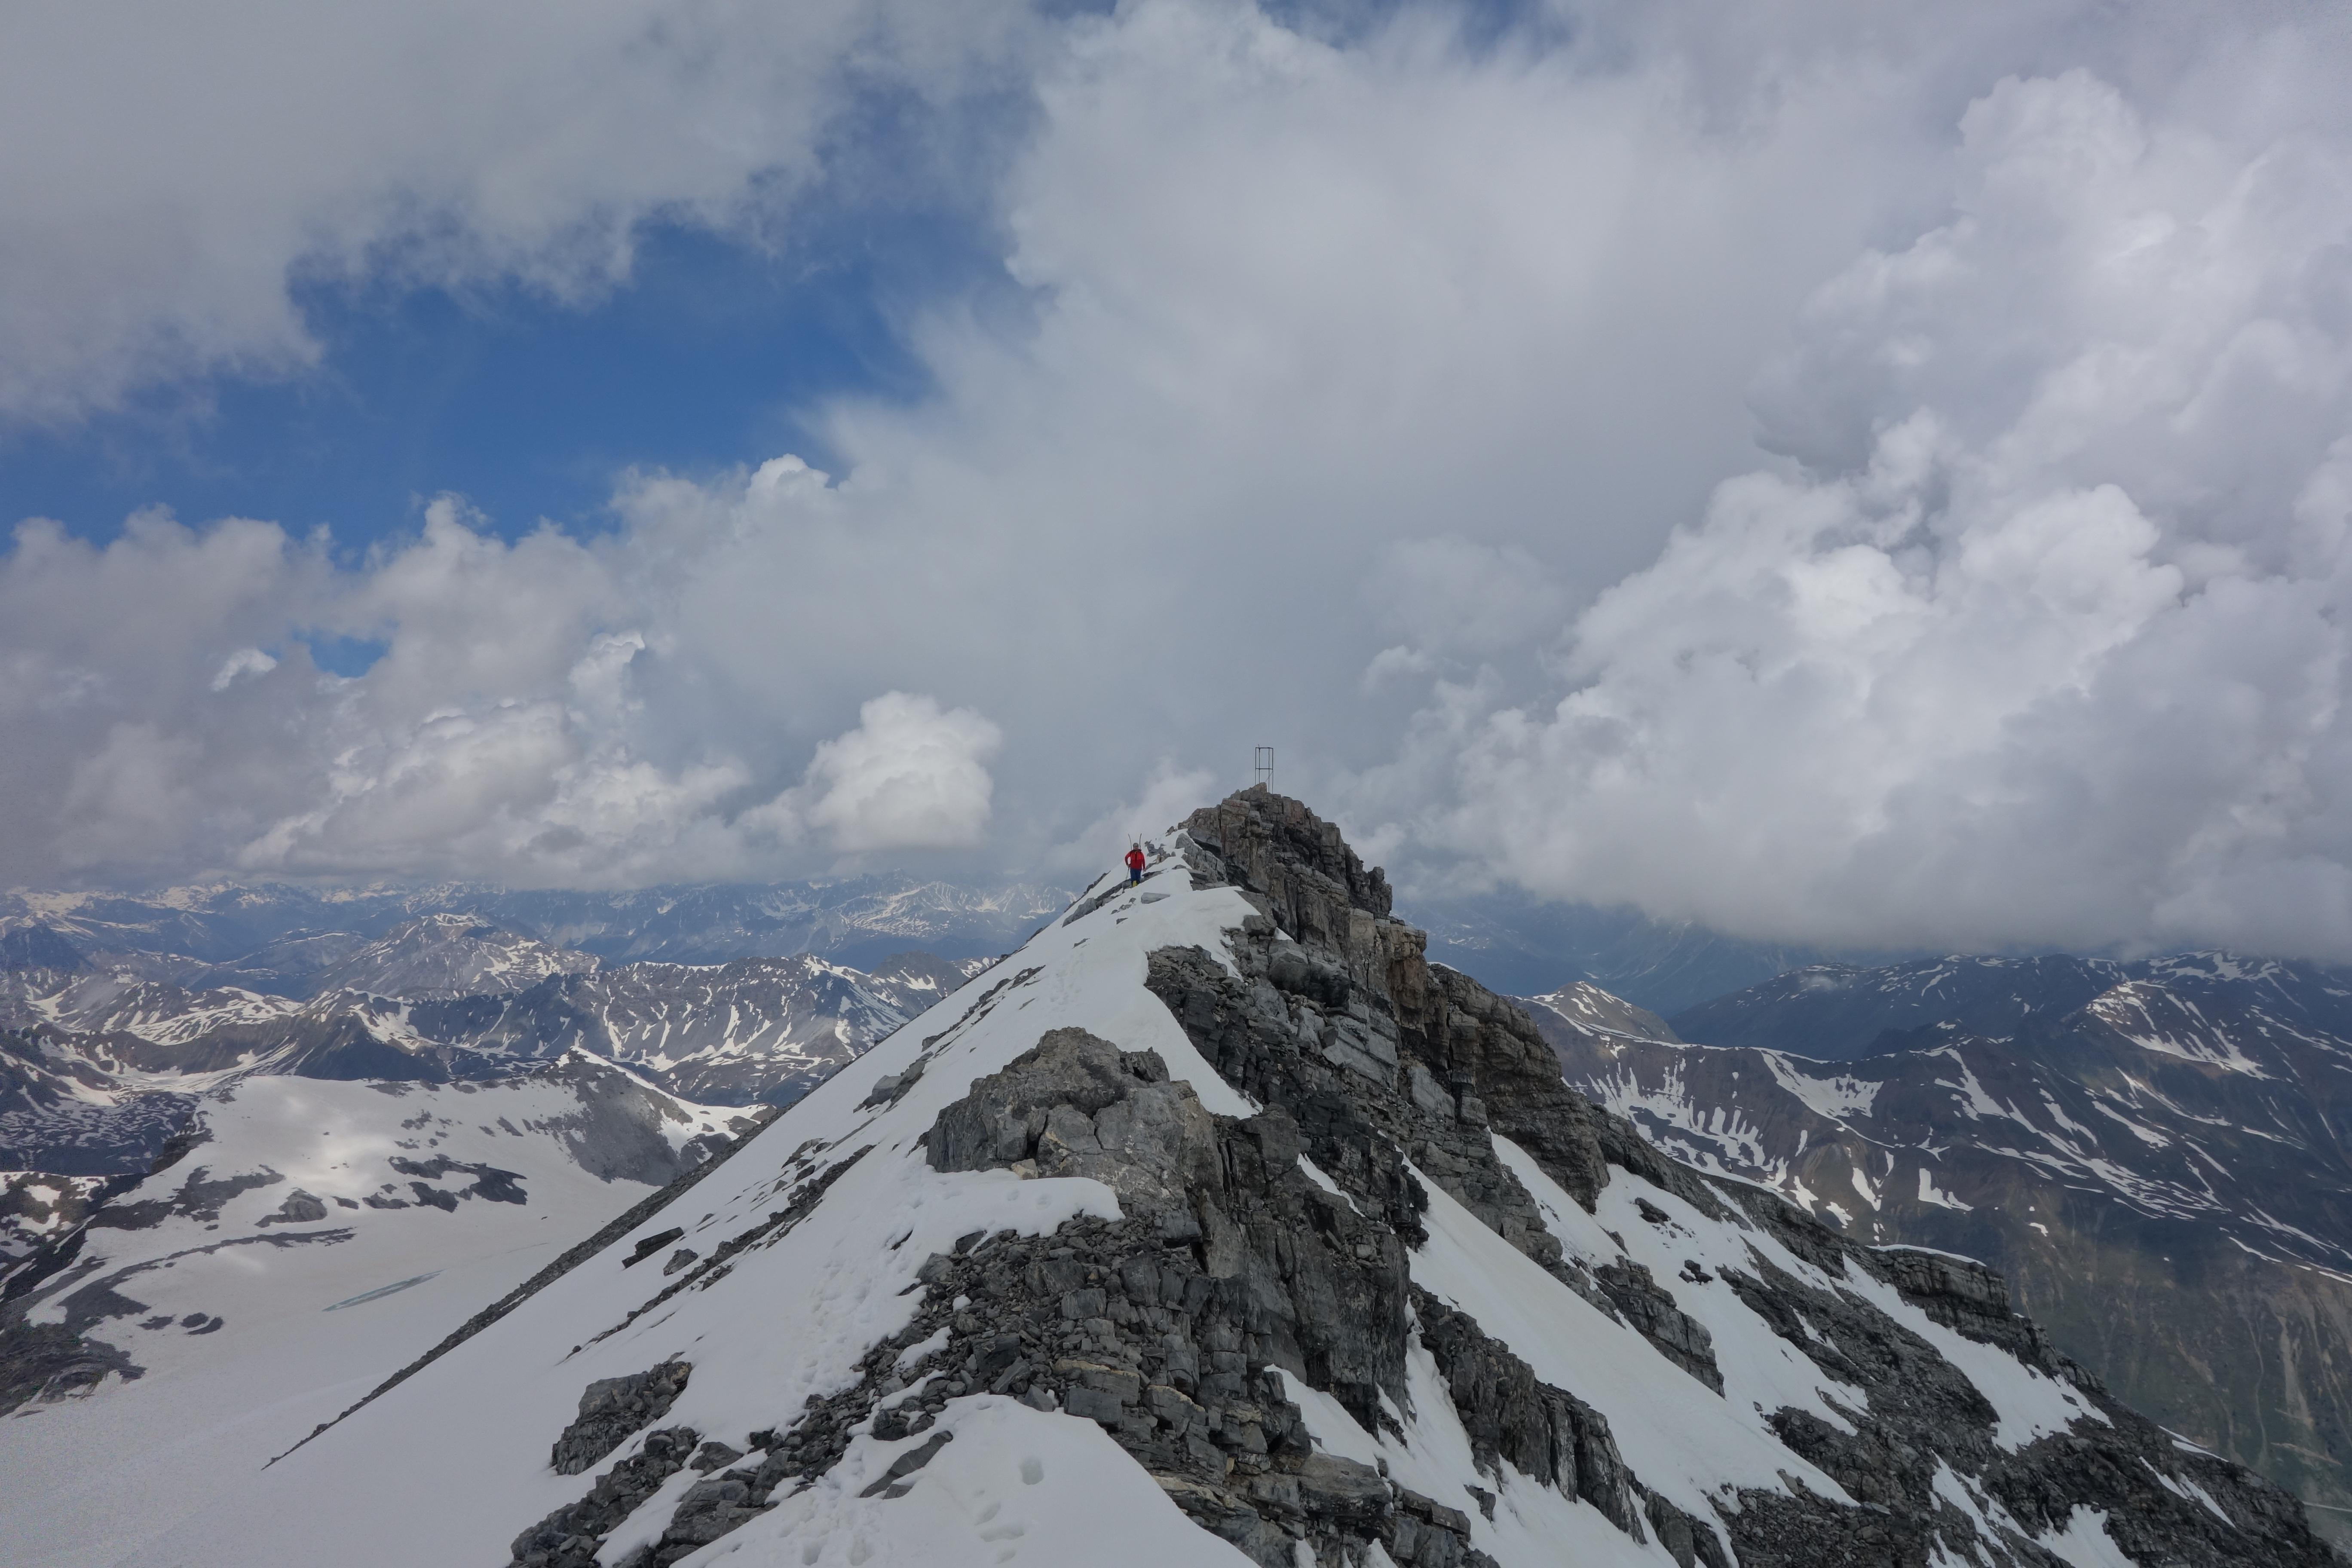 Gipfel und Südgrat der Geisterspitze. Im Hintergrund braut sich bereits ein Gewitter zusammen.